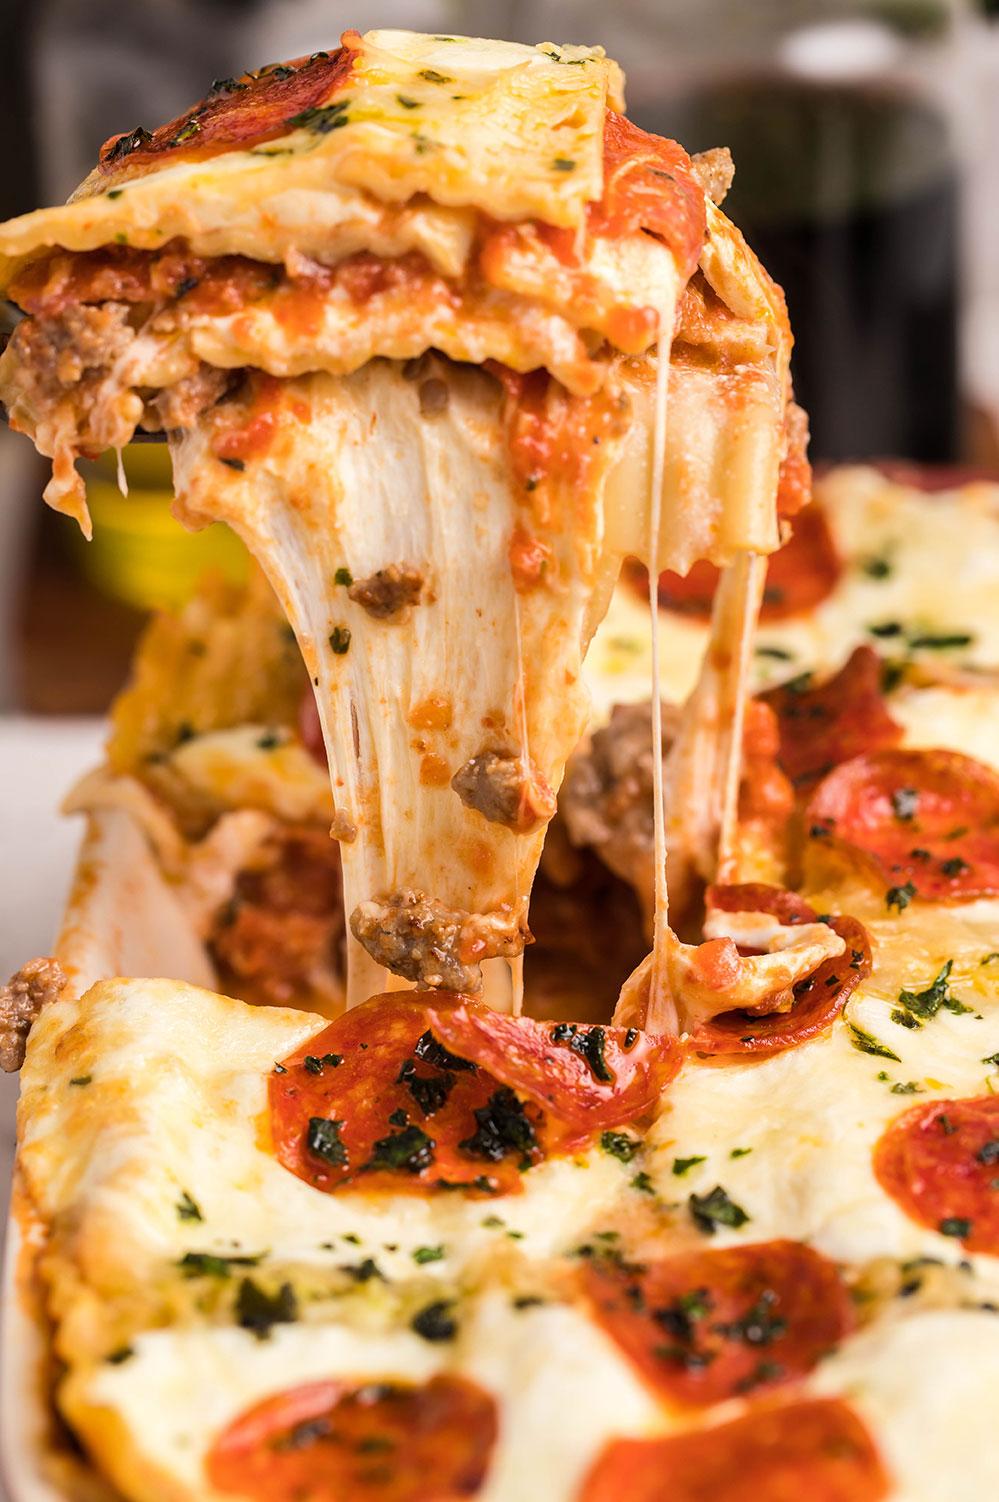 a slice of lasagna up close.